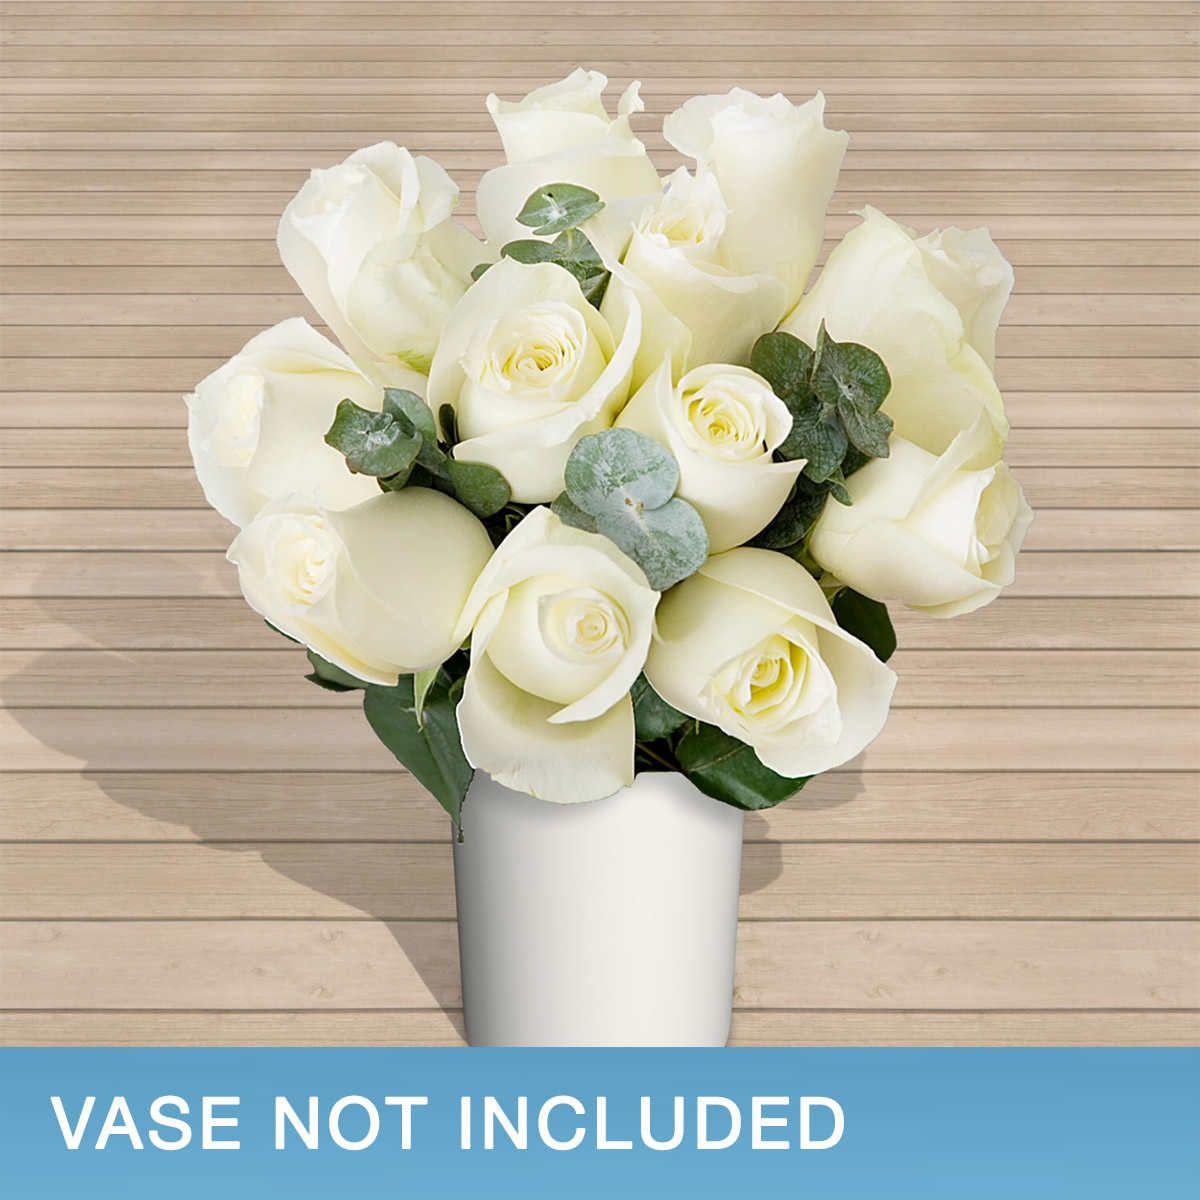 Vermont Wedding Flowers: Eucalyptus Bouquet, Bouquet, Rose